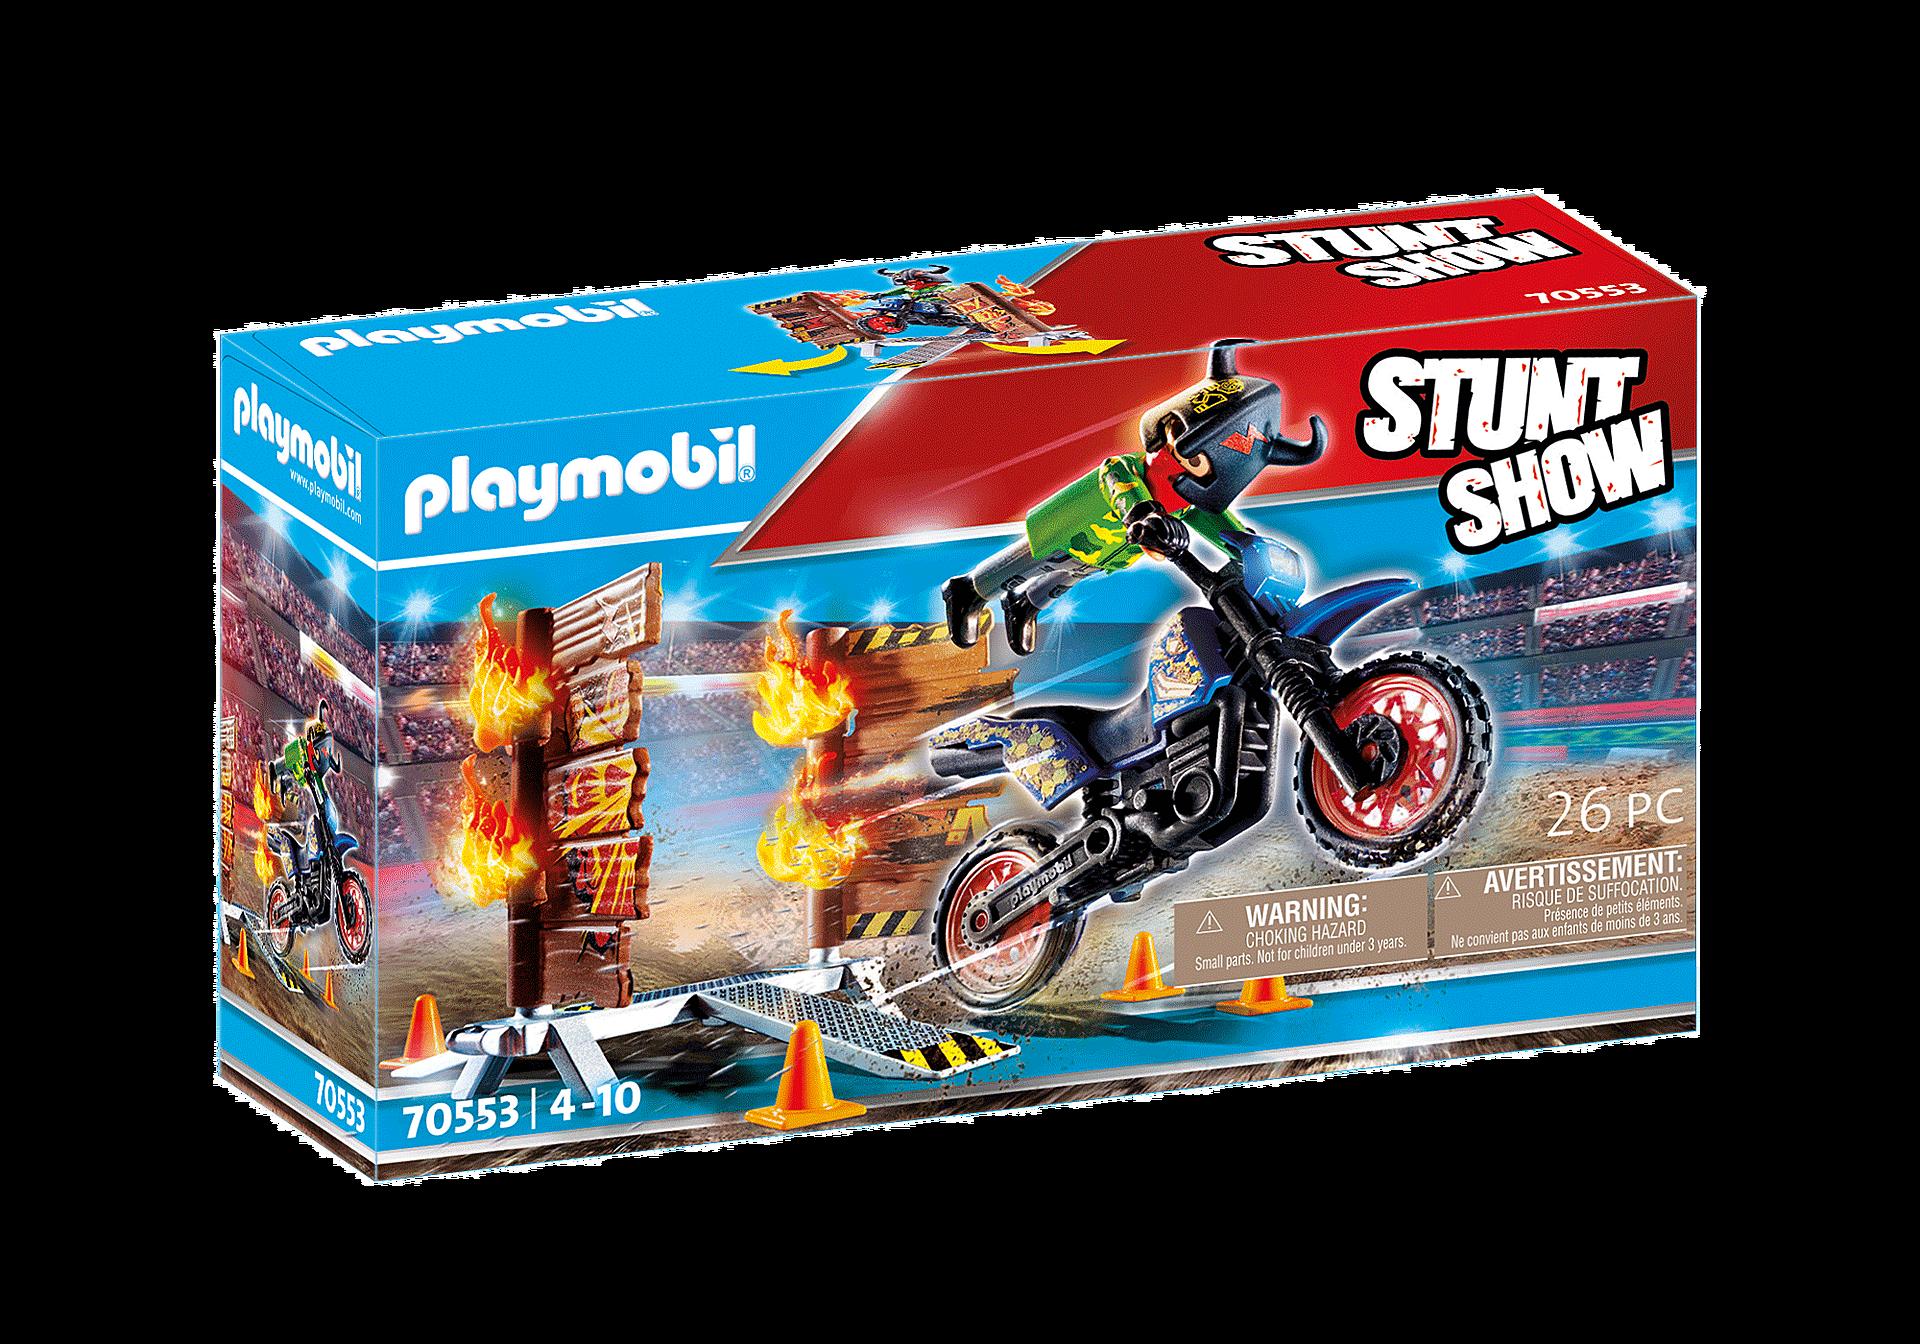 70553 Stuntshow Moto con muro de fuego zoom image2